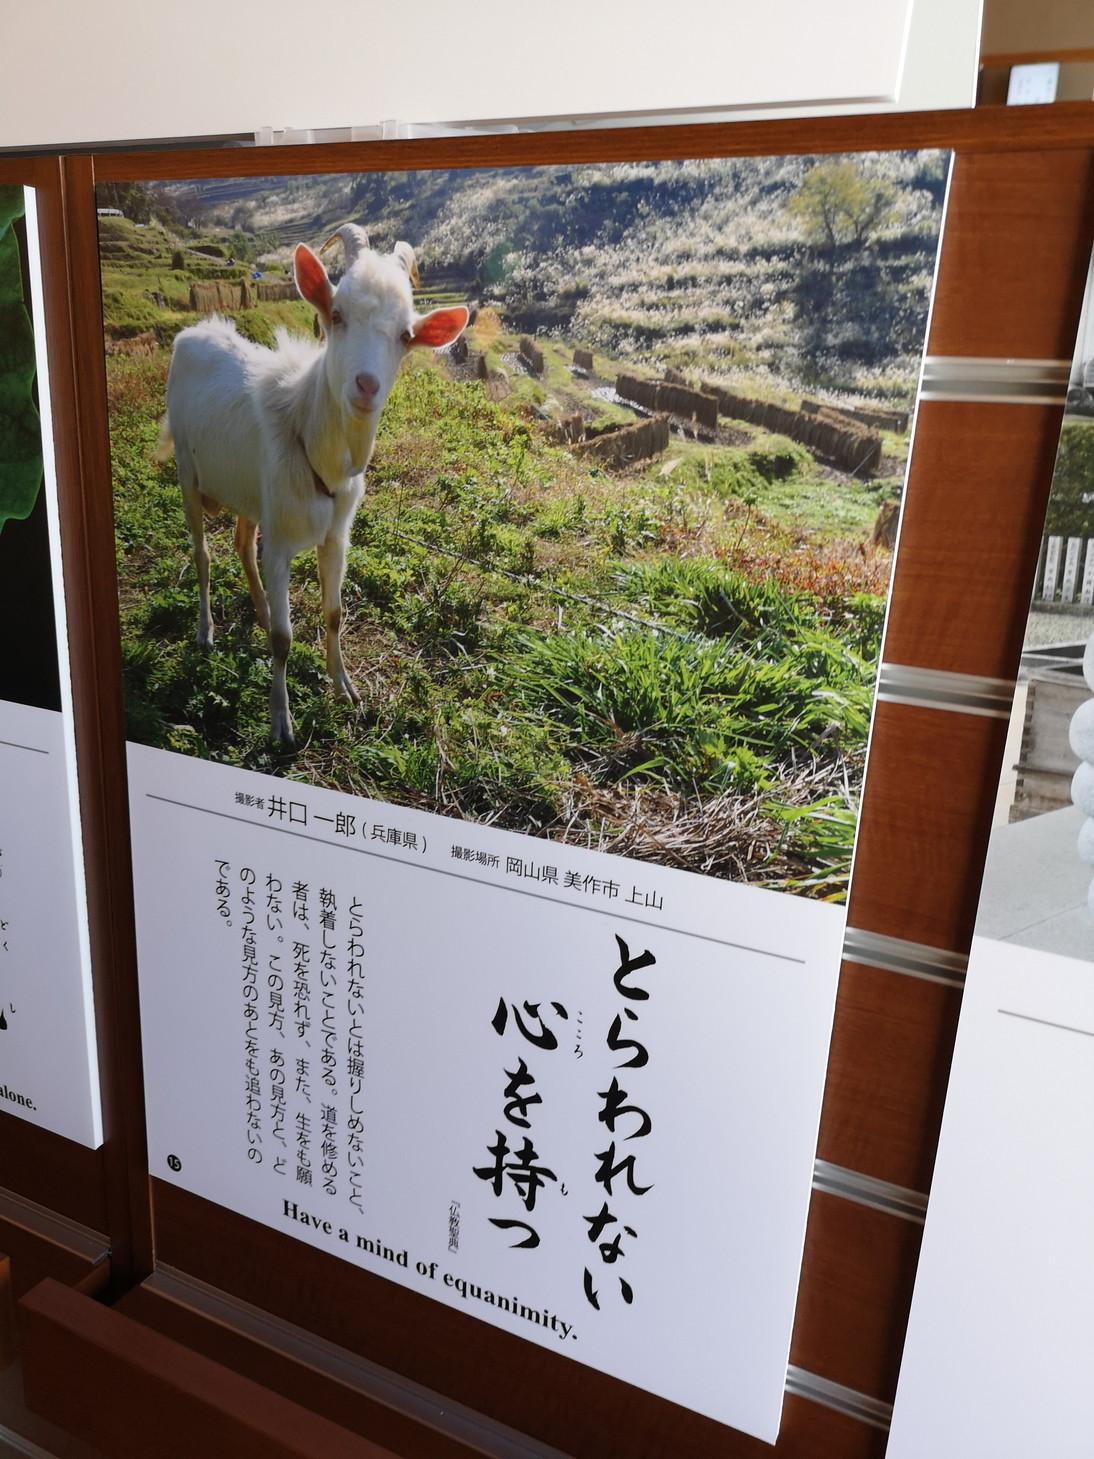 20190519_築地本願寺カフェTumugi (14)